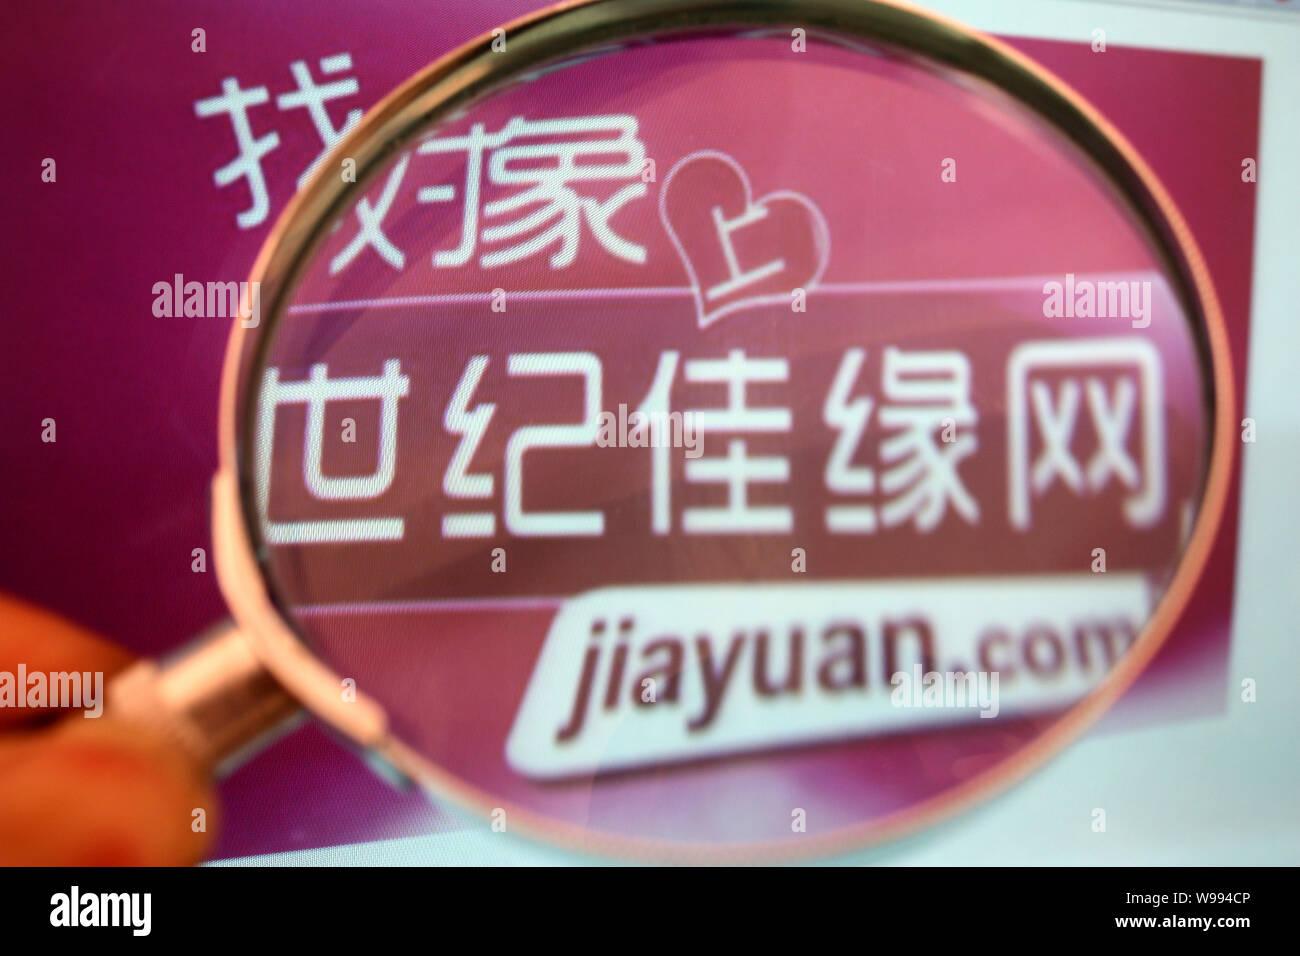 Jiayuan dating hjemmeside